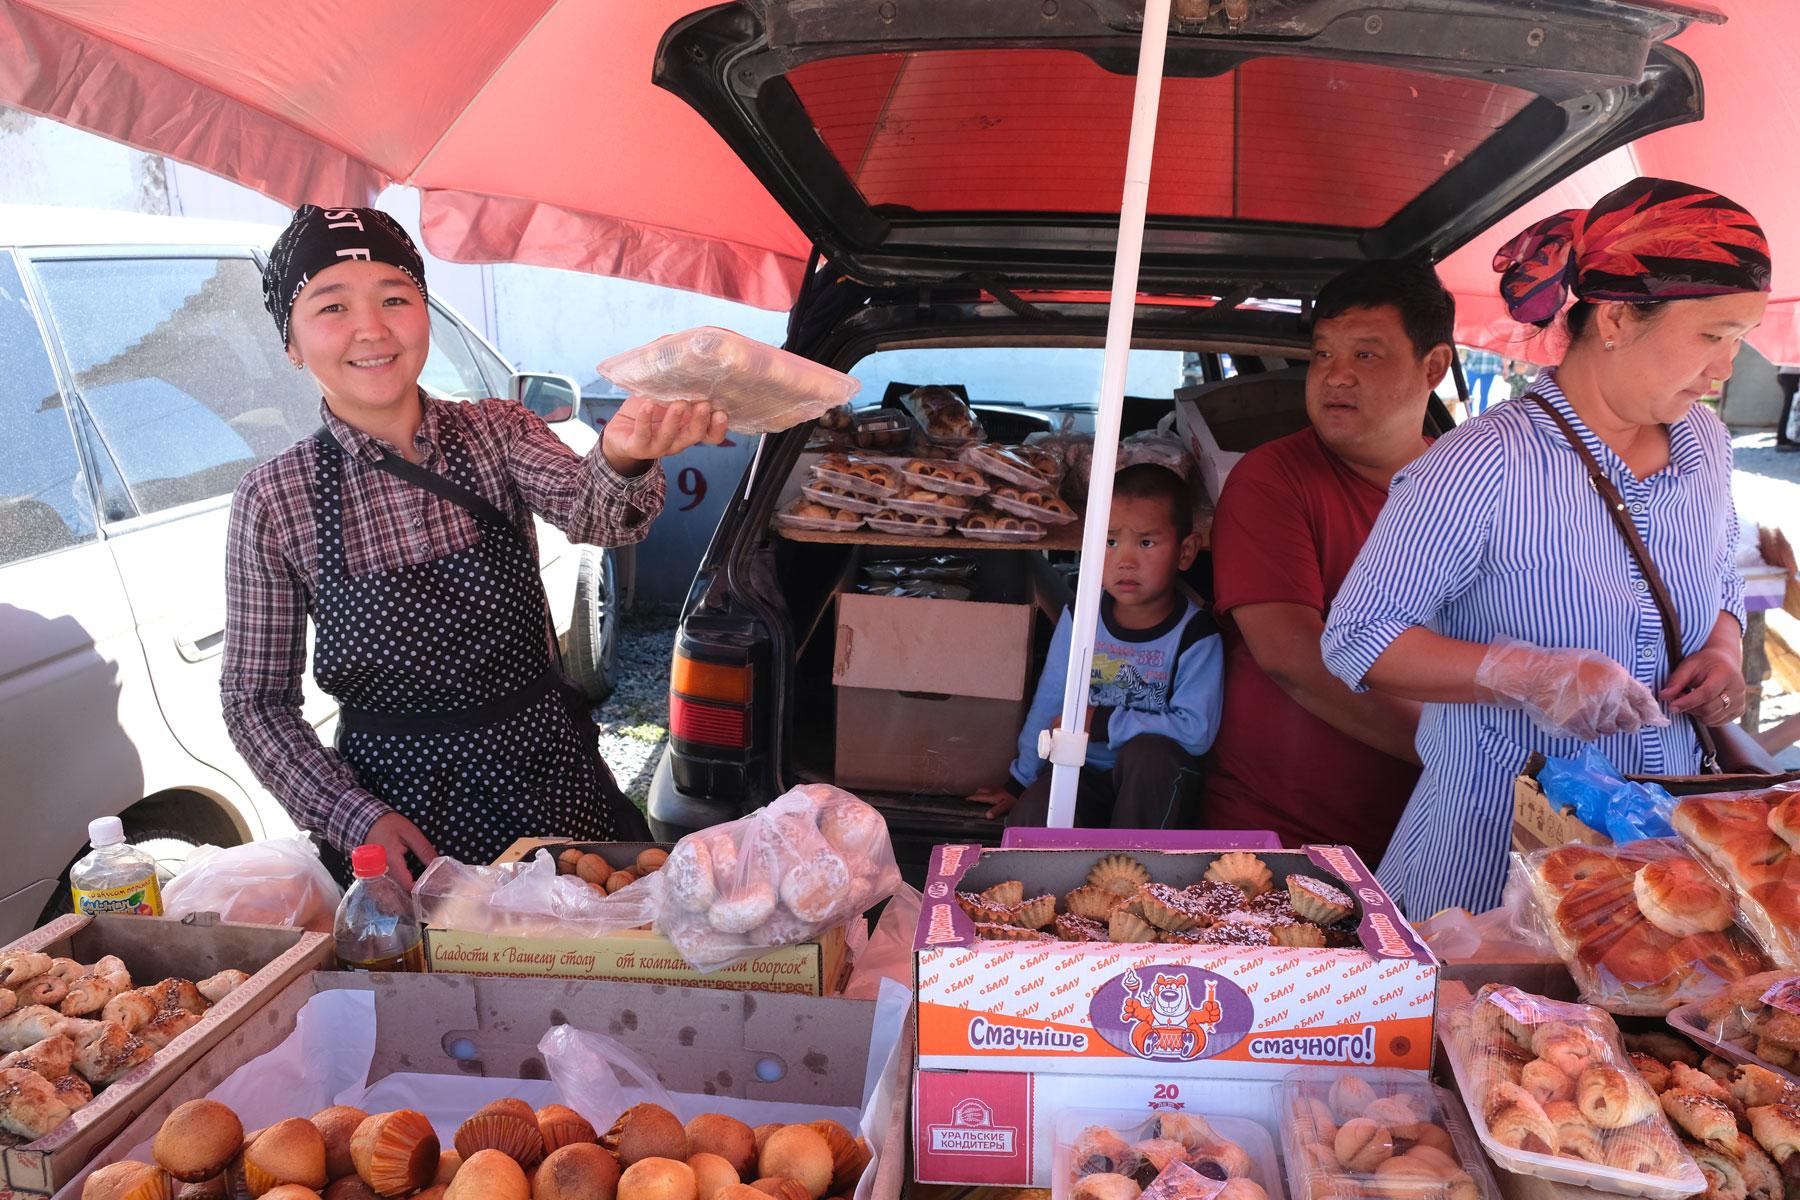 An einem Marktstand werden Muffins verkauft.